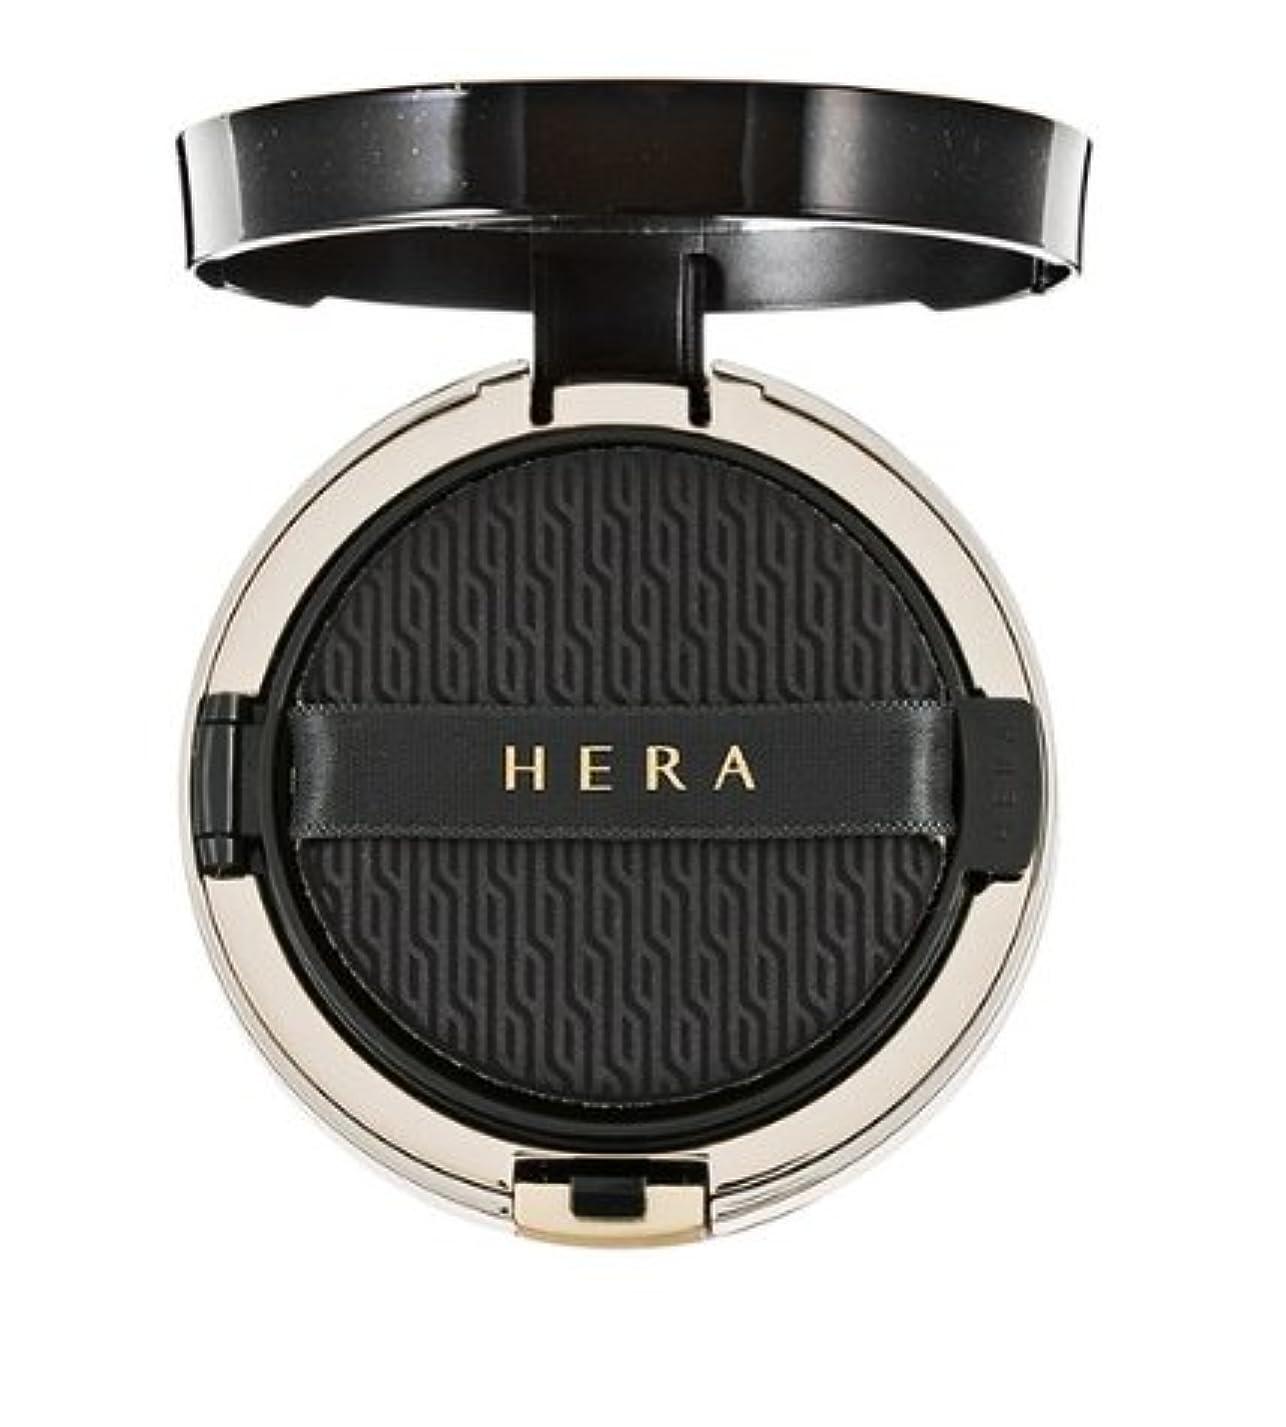 非武装化食事無条件(ヘラ) Hera ブラッククッション SPF34/PA++ 本品15g+リフィール15g / Black Cushion SPF34/PA++ 15g+Refil15g (No.23 Beige) (韓国直発送) shumaman